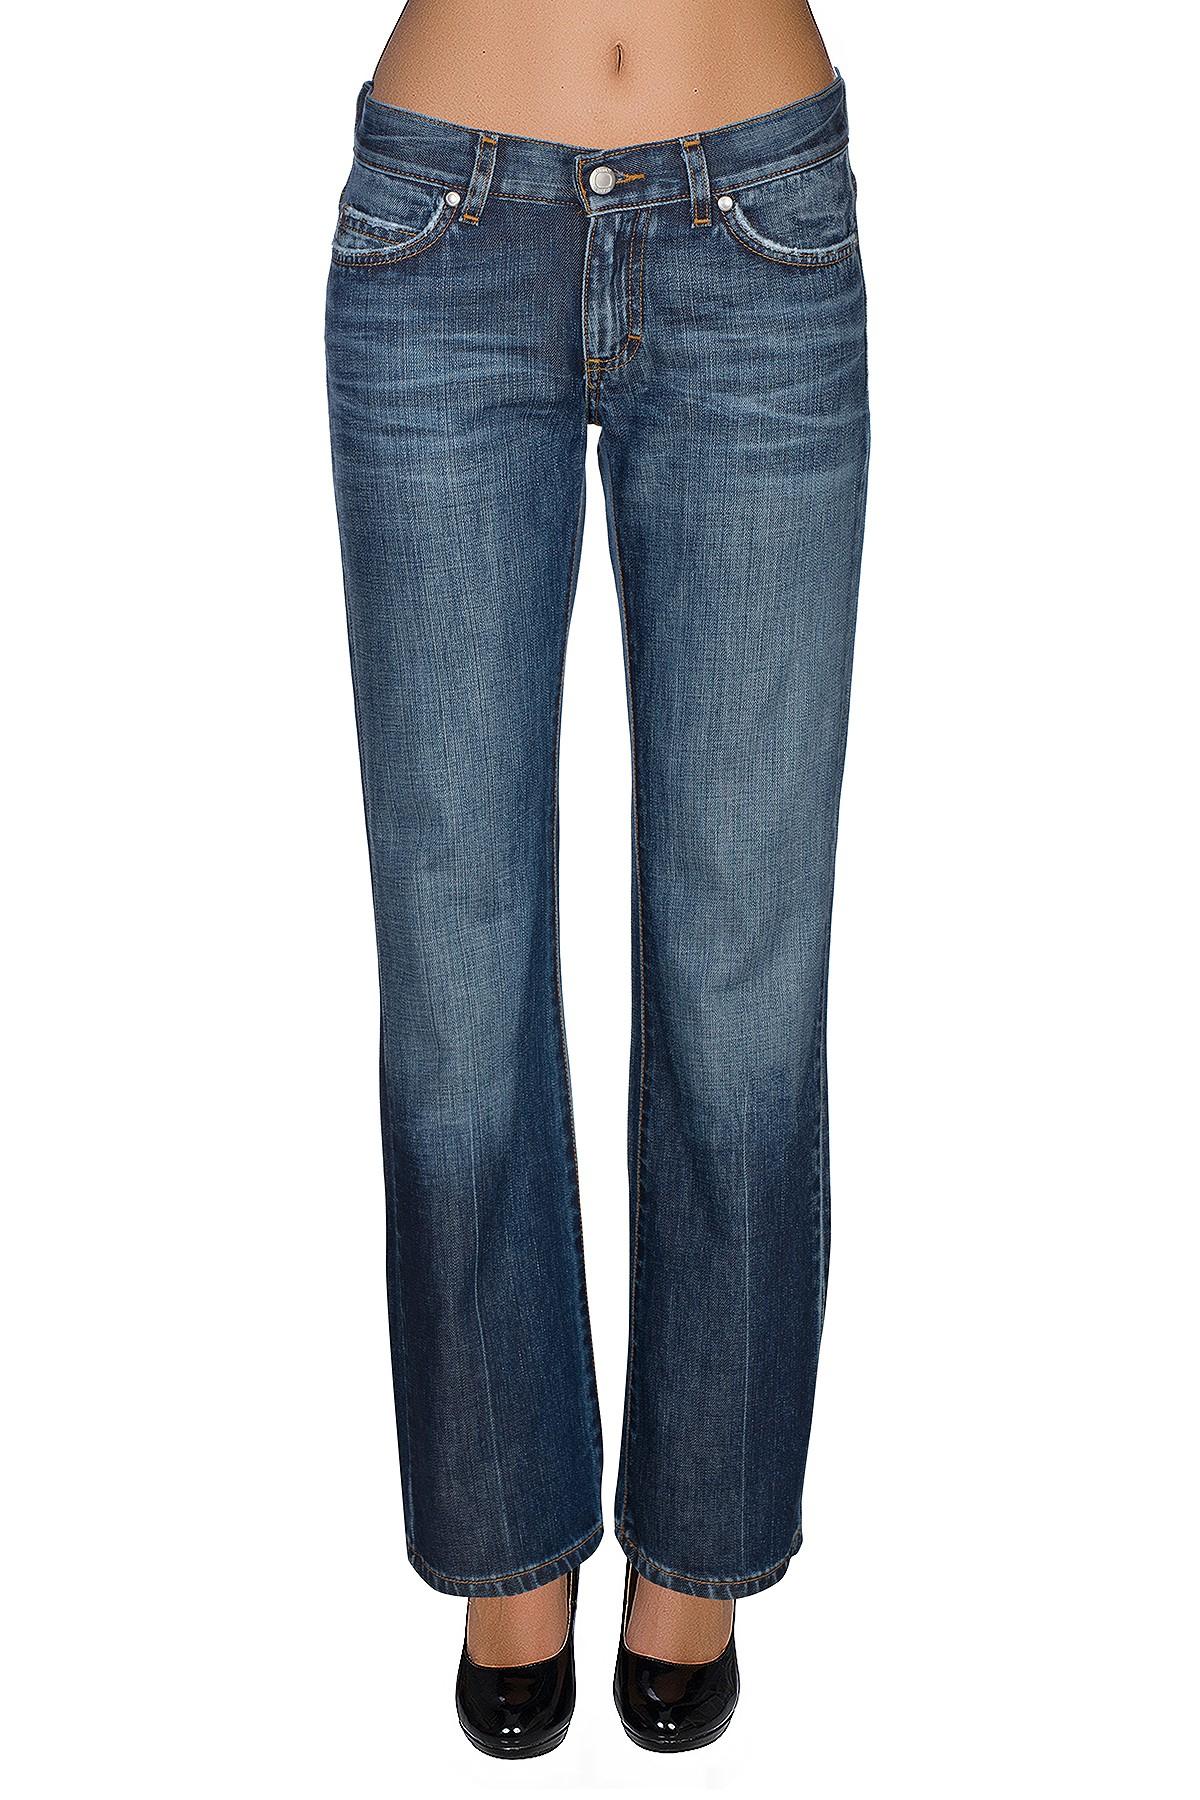 UPDATE: Nur noch 3,99€! - ONLY Auto Straight Damen Jeans Blau in vielen Größen für 7,99 € @ outlet46.de